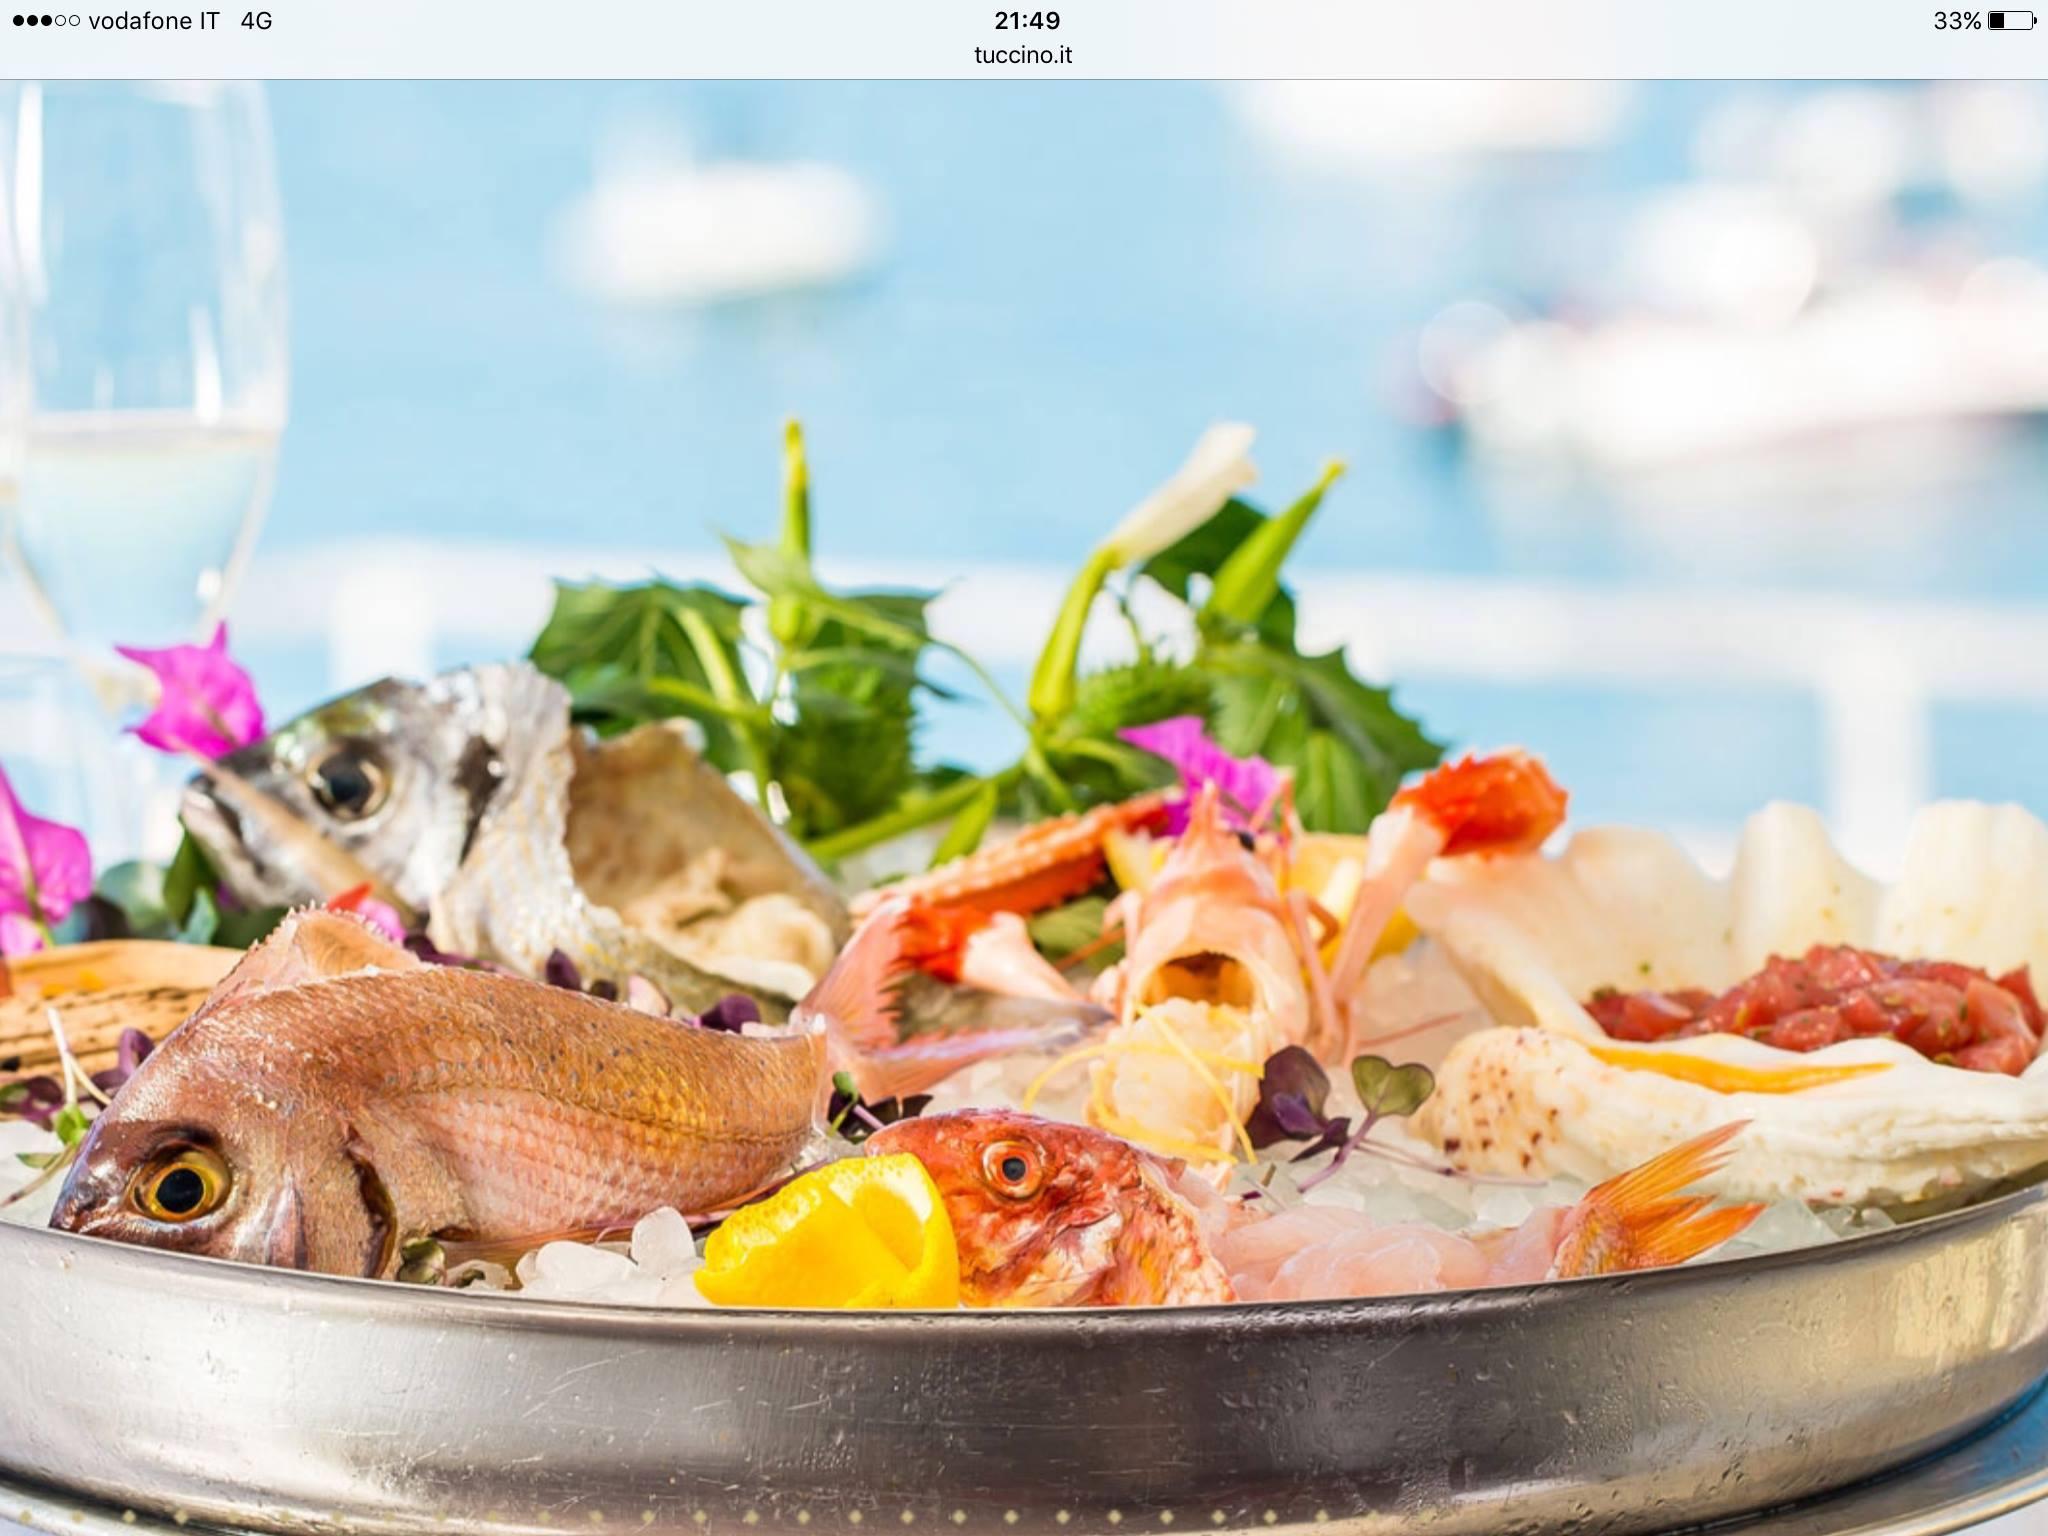 un piatto di metallo con dentro dei pesci freschi